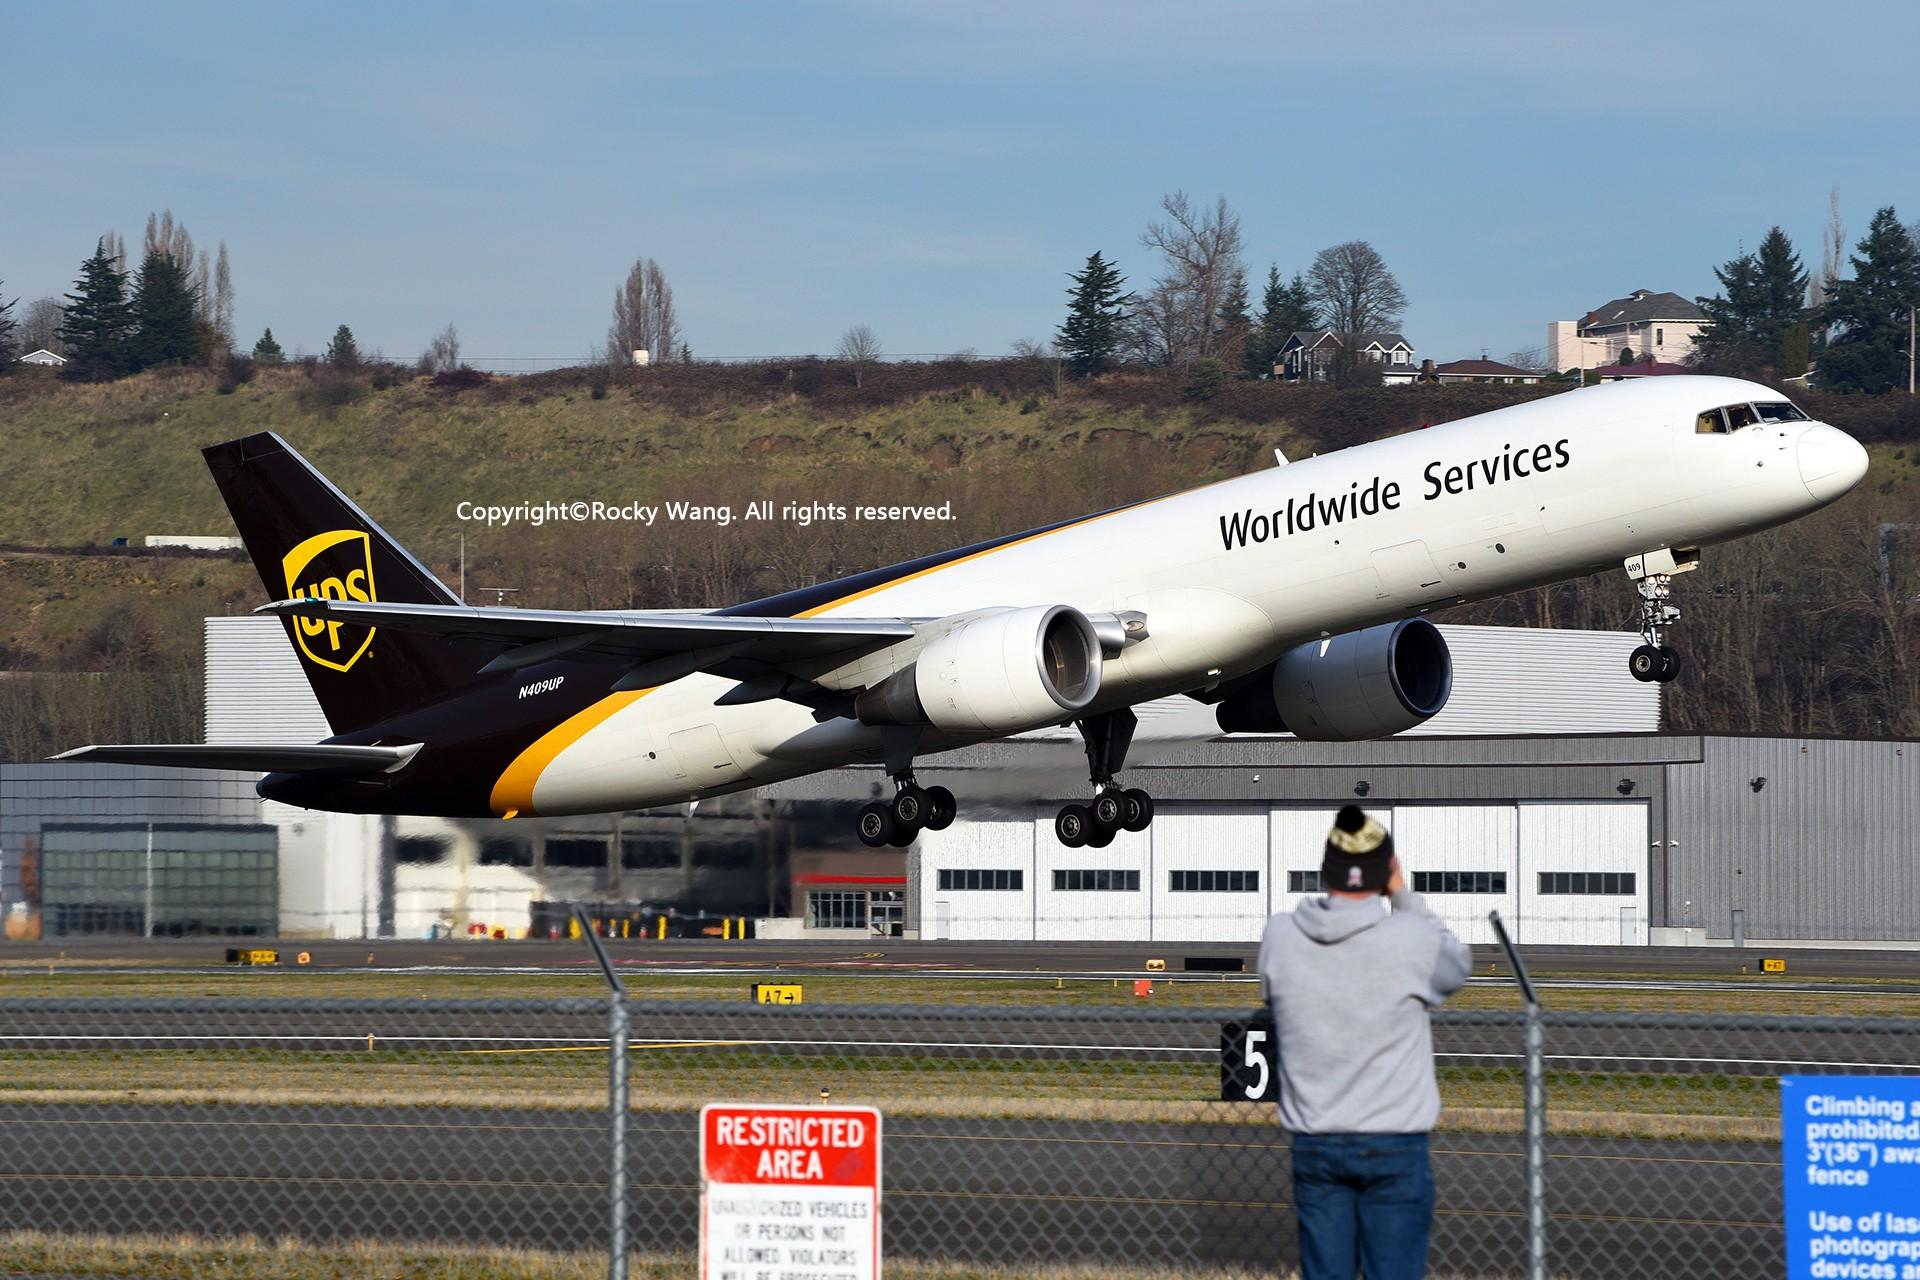 Re:[原创]Seattle 30图 BOEING 757-24A(PF) N409UP Seattle Boeing Field/King County